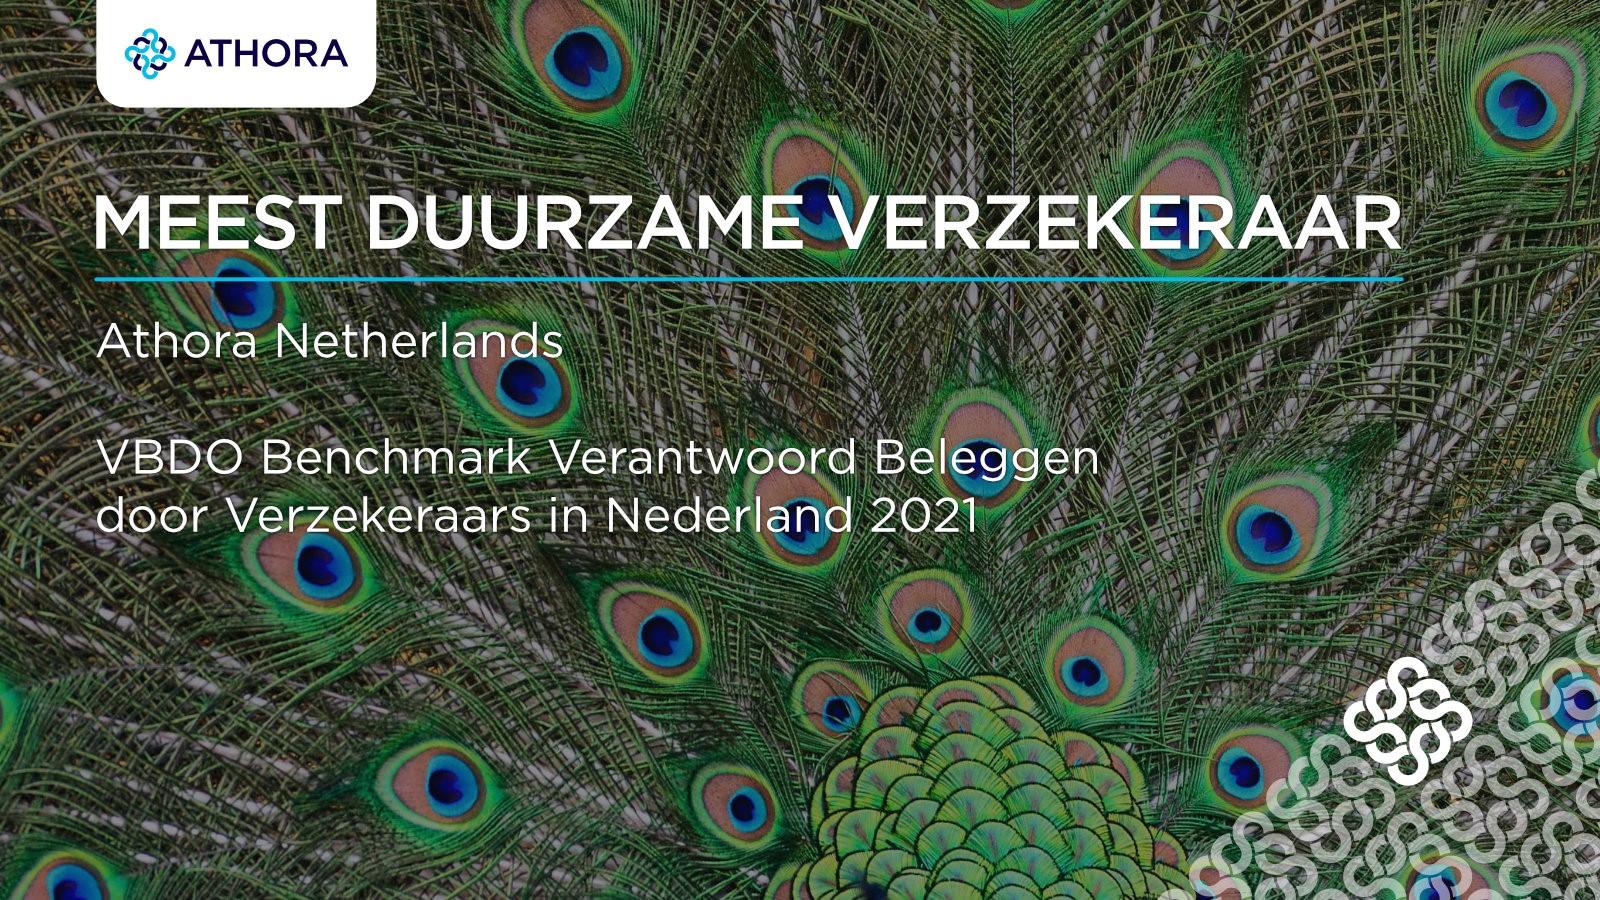 Athora Netherlands is de meest duurzame verzekeraar volgens de VBDO